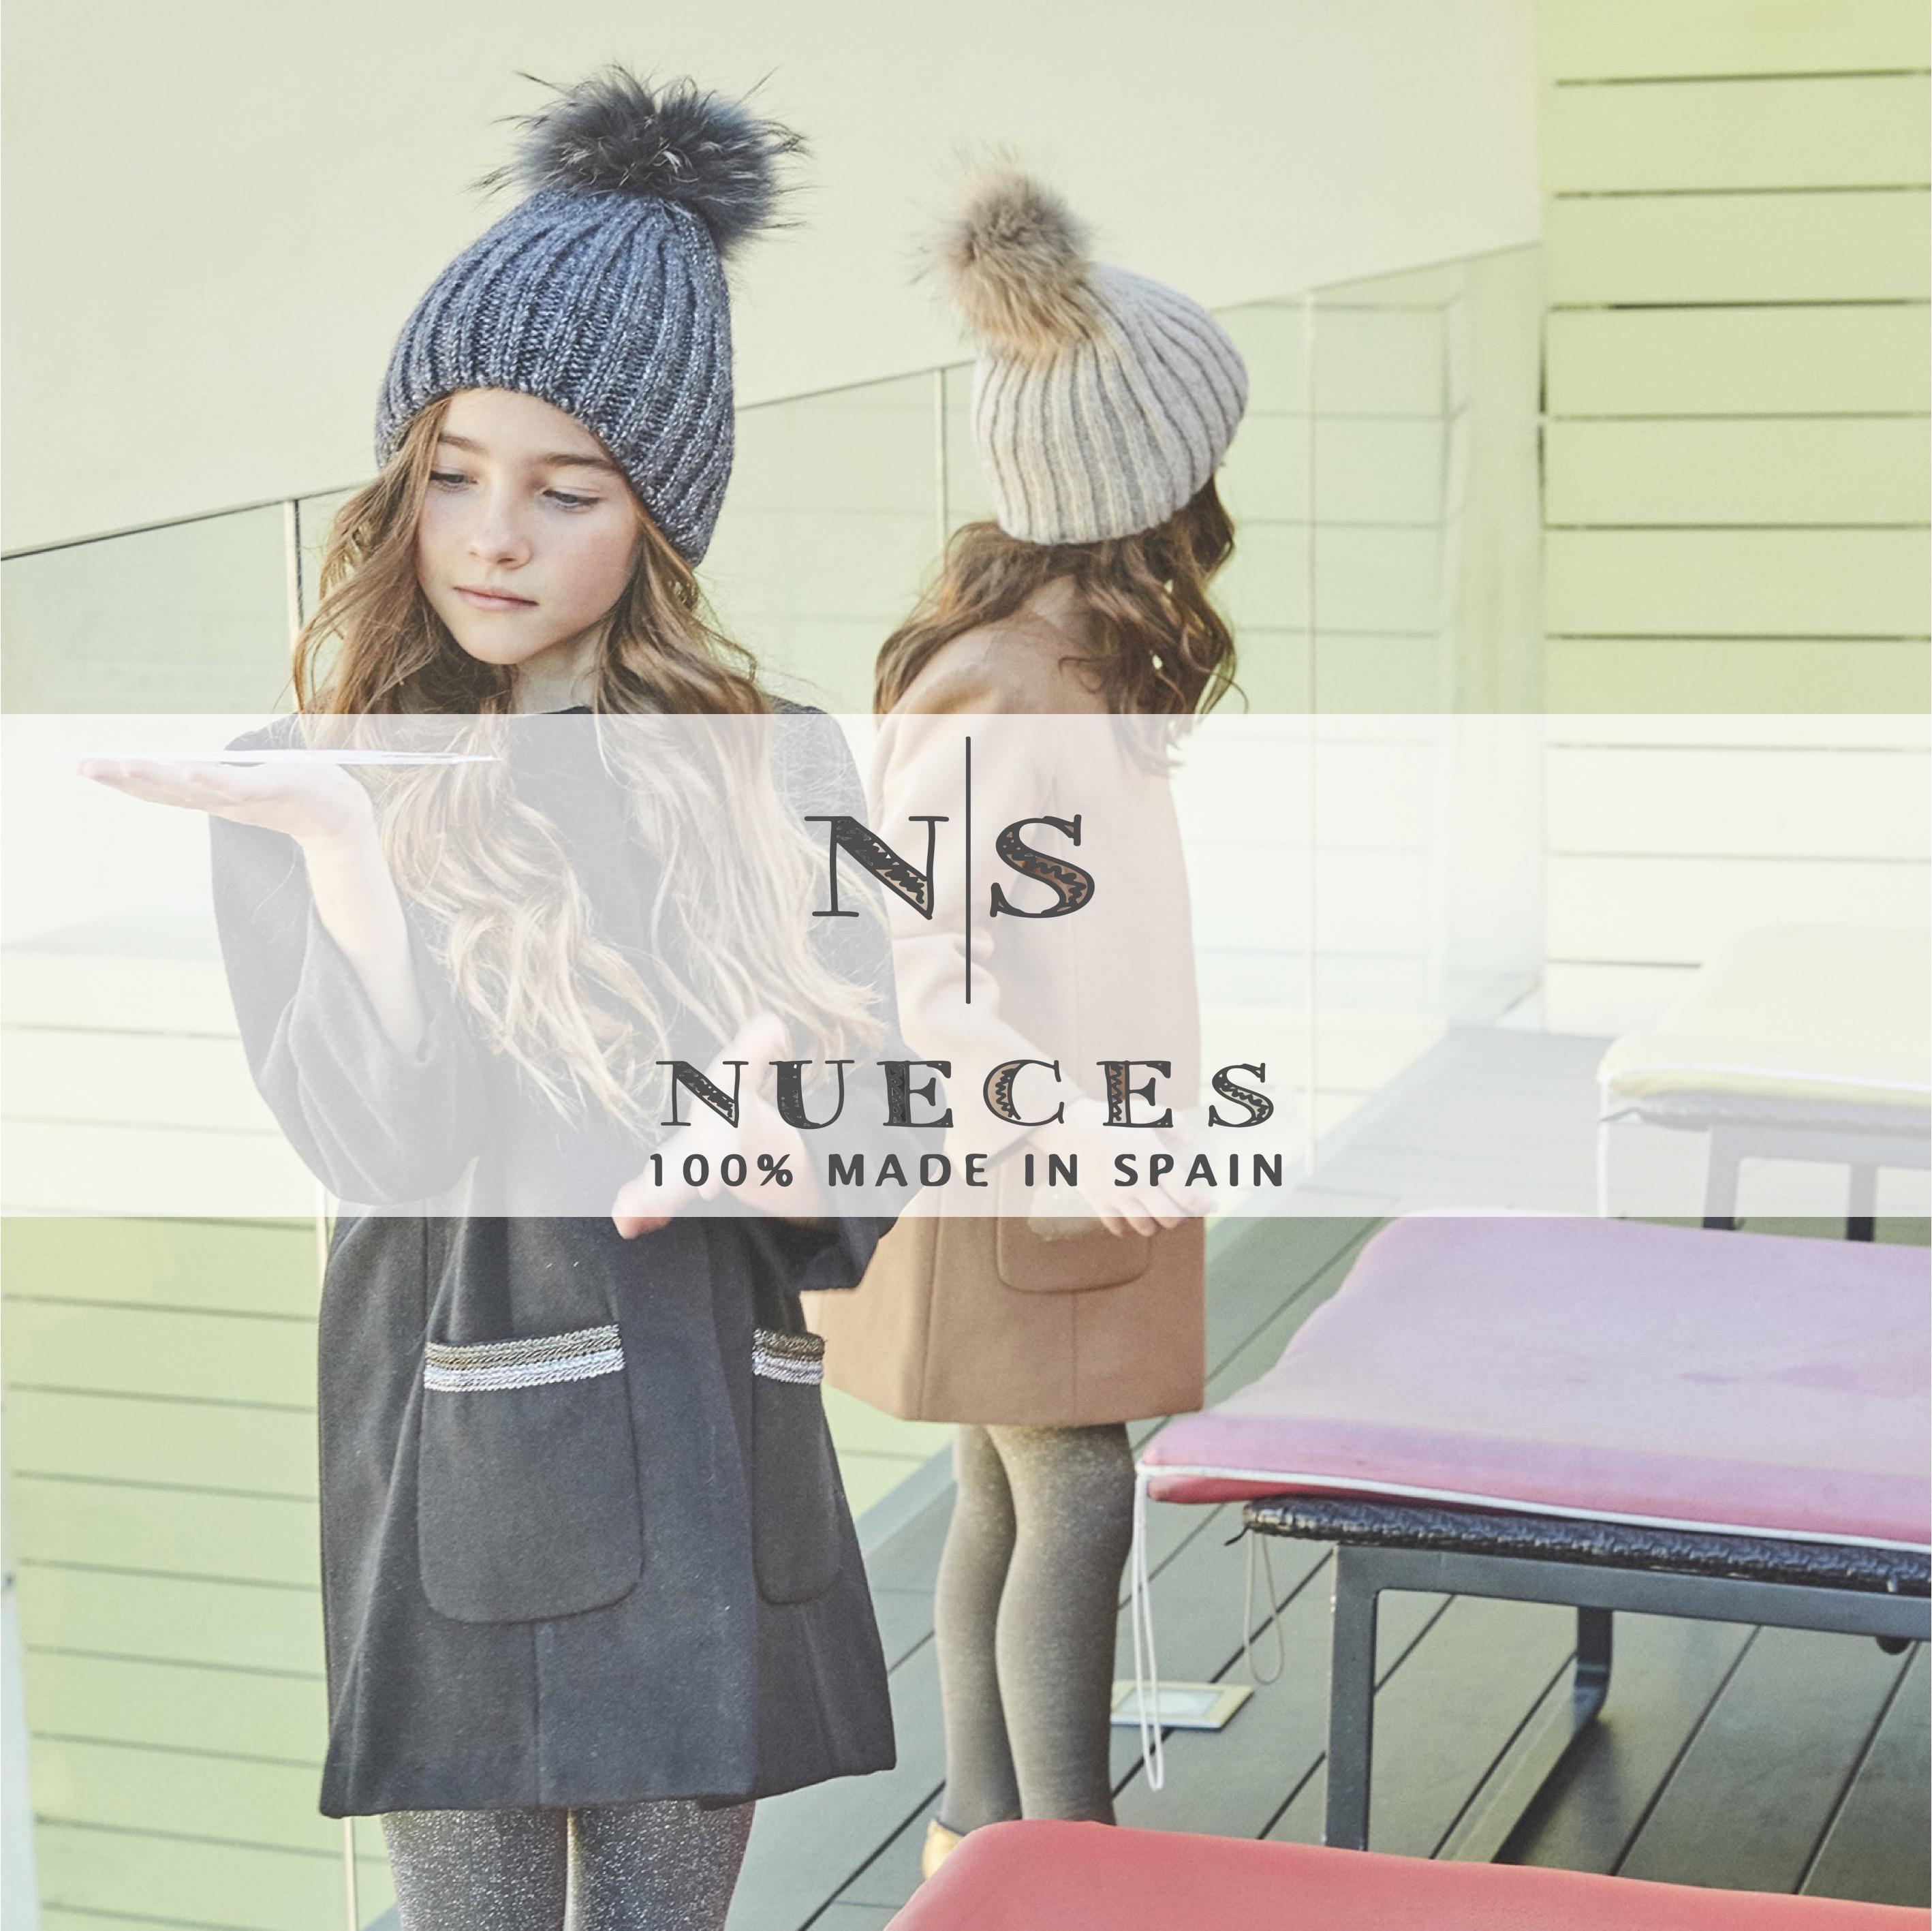 Nueces website homepage